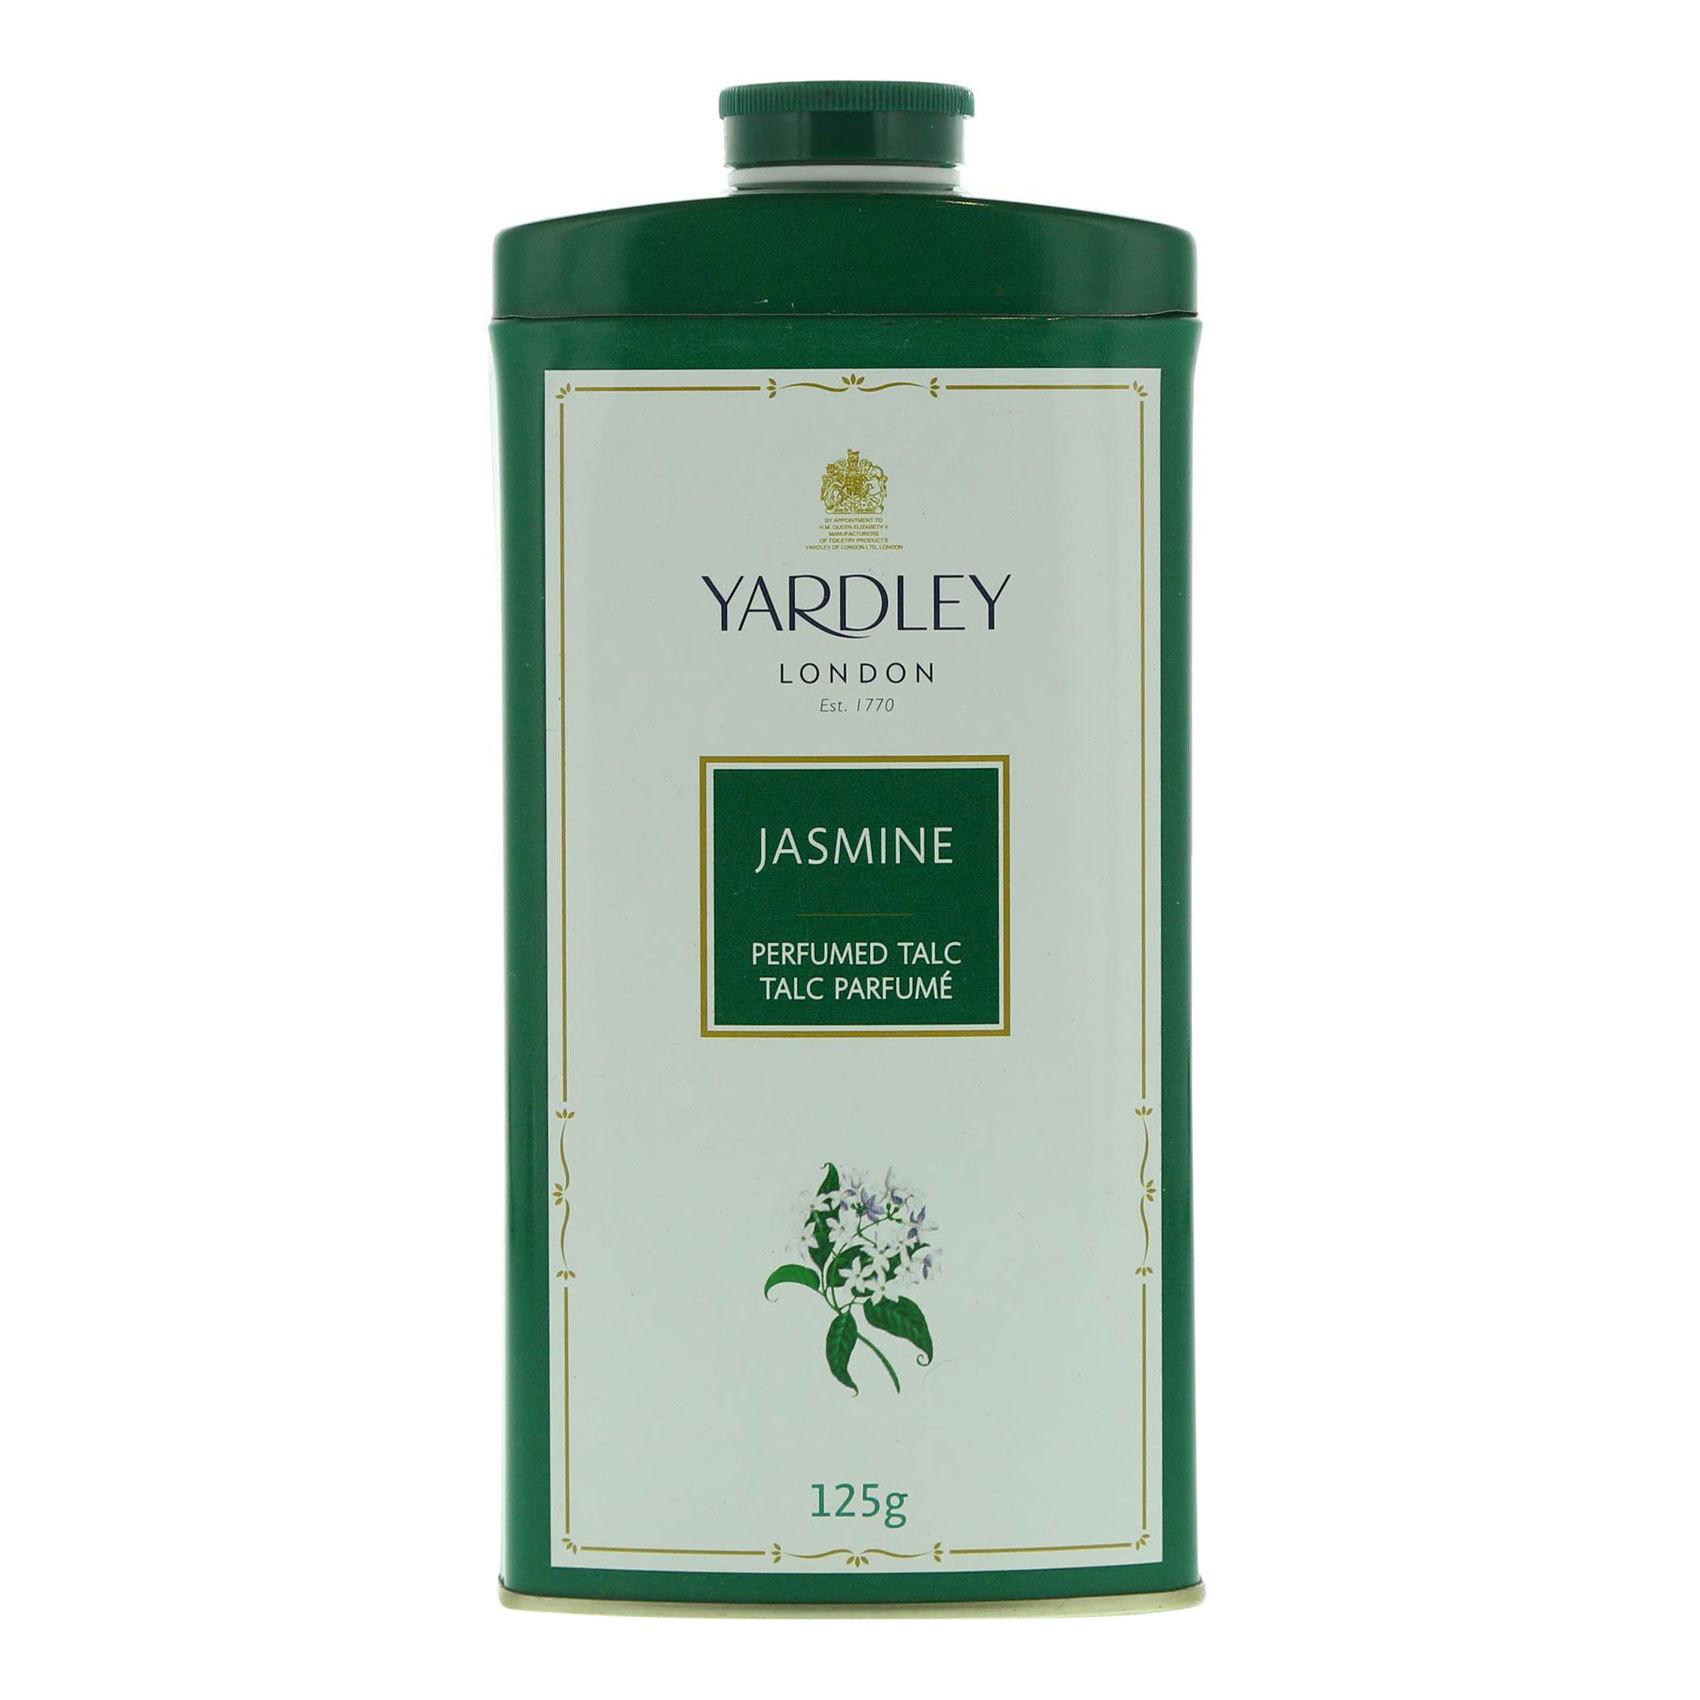 YARDLEY TALC JASMINE TALC 125GM